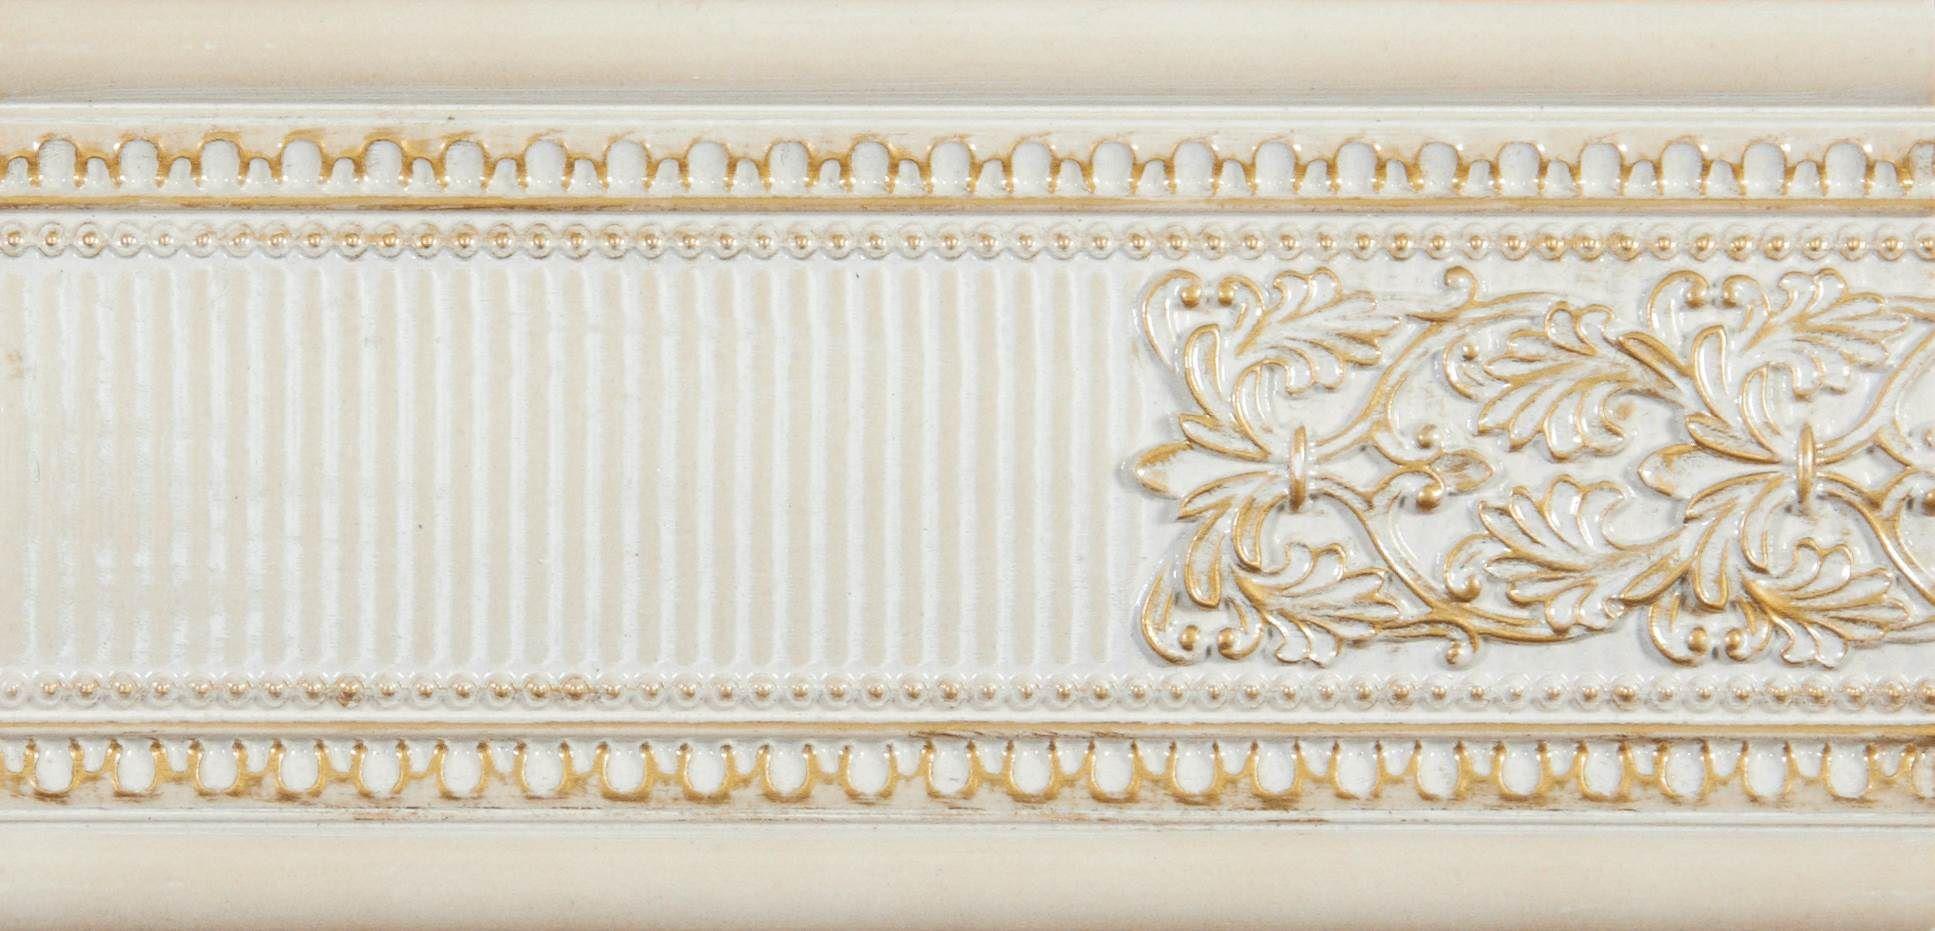 Купить Керамическая плитка Newker Coliseum Forum B Ivory Listello бордюр 15x31, Испания